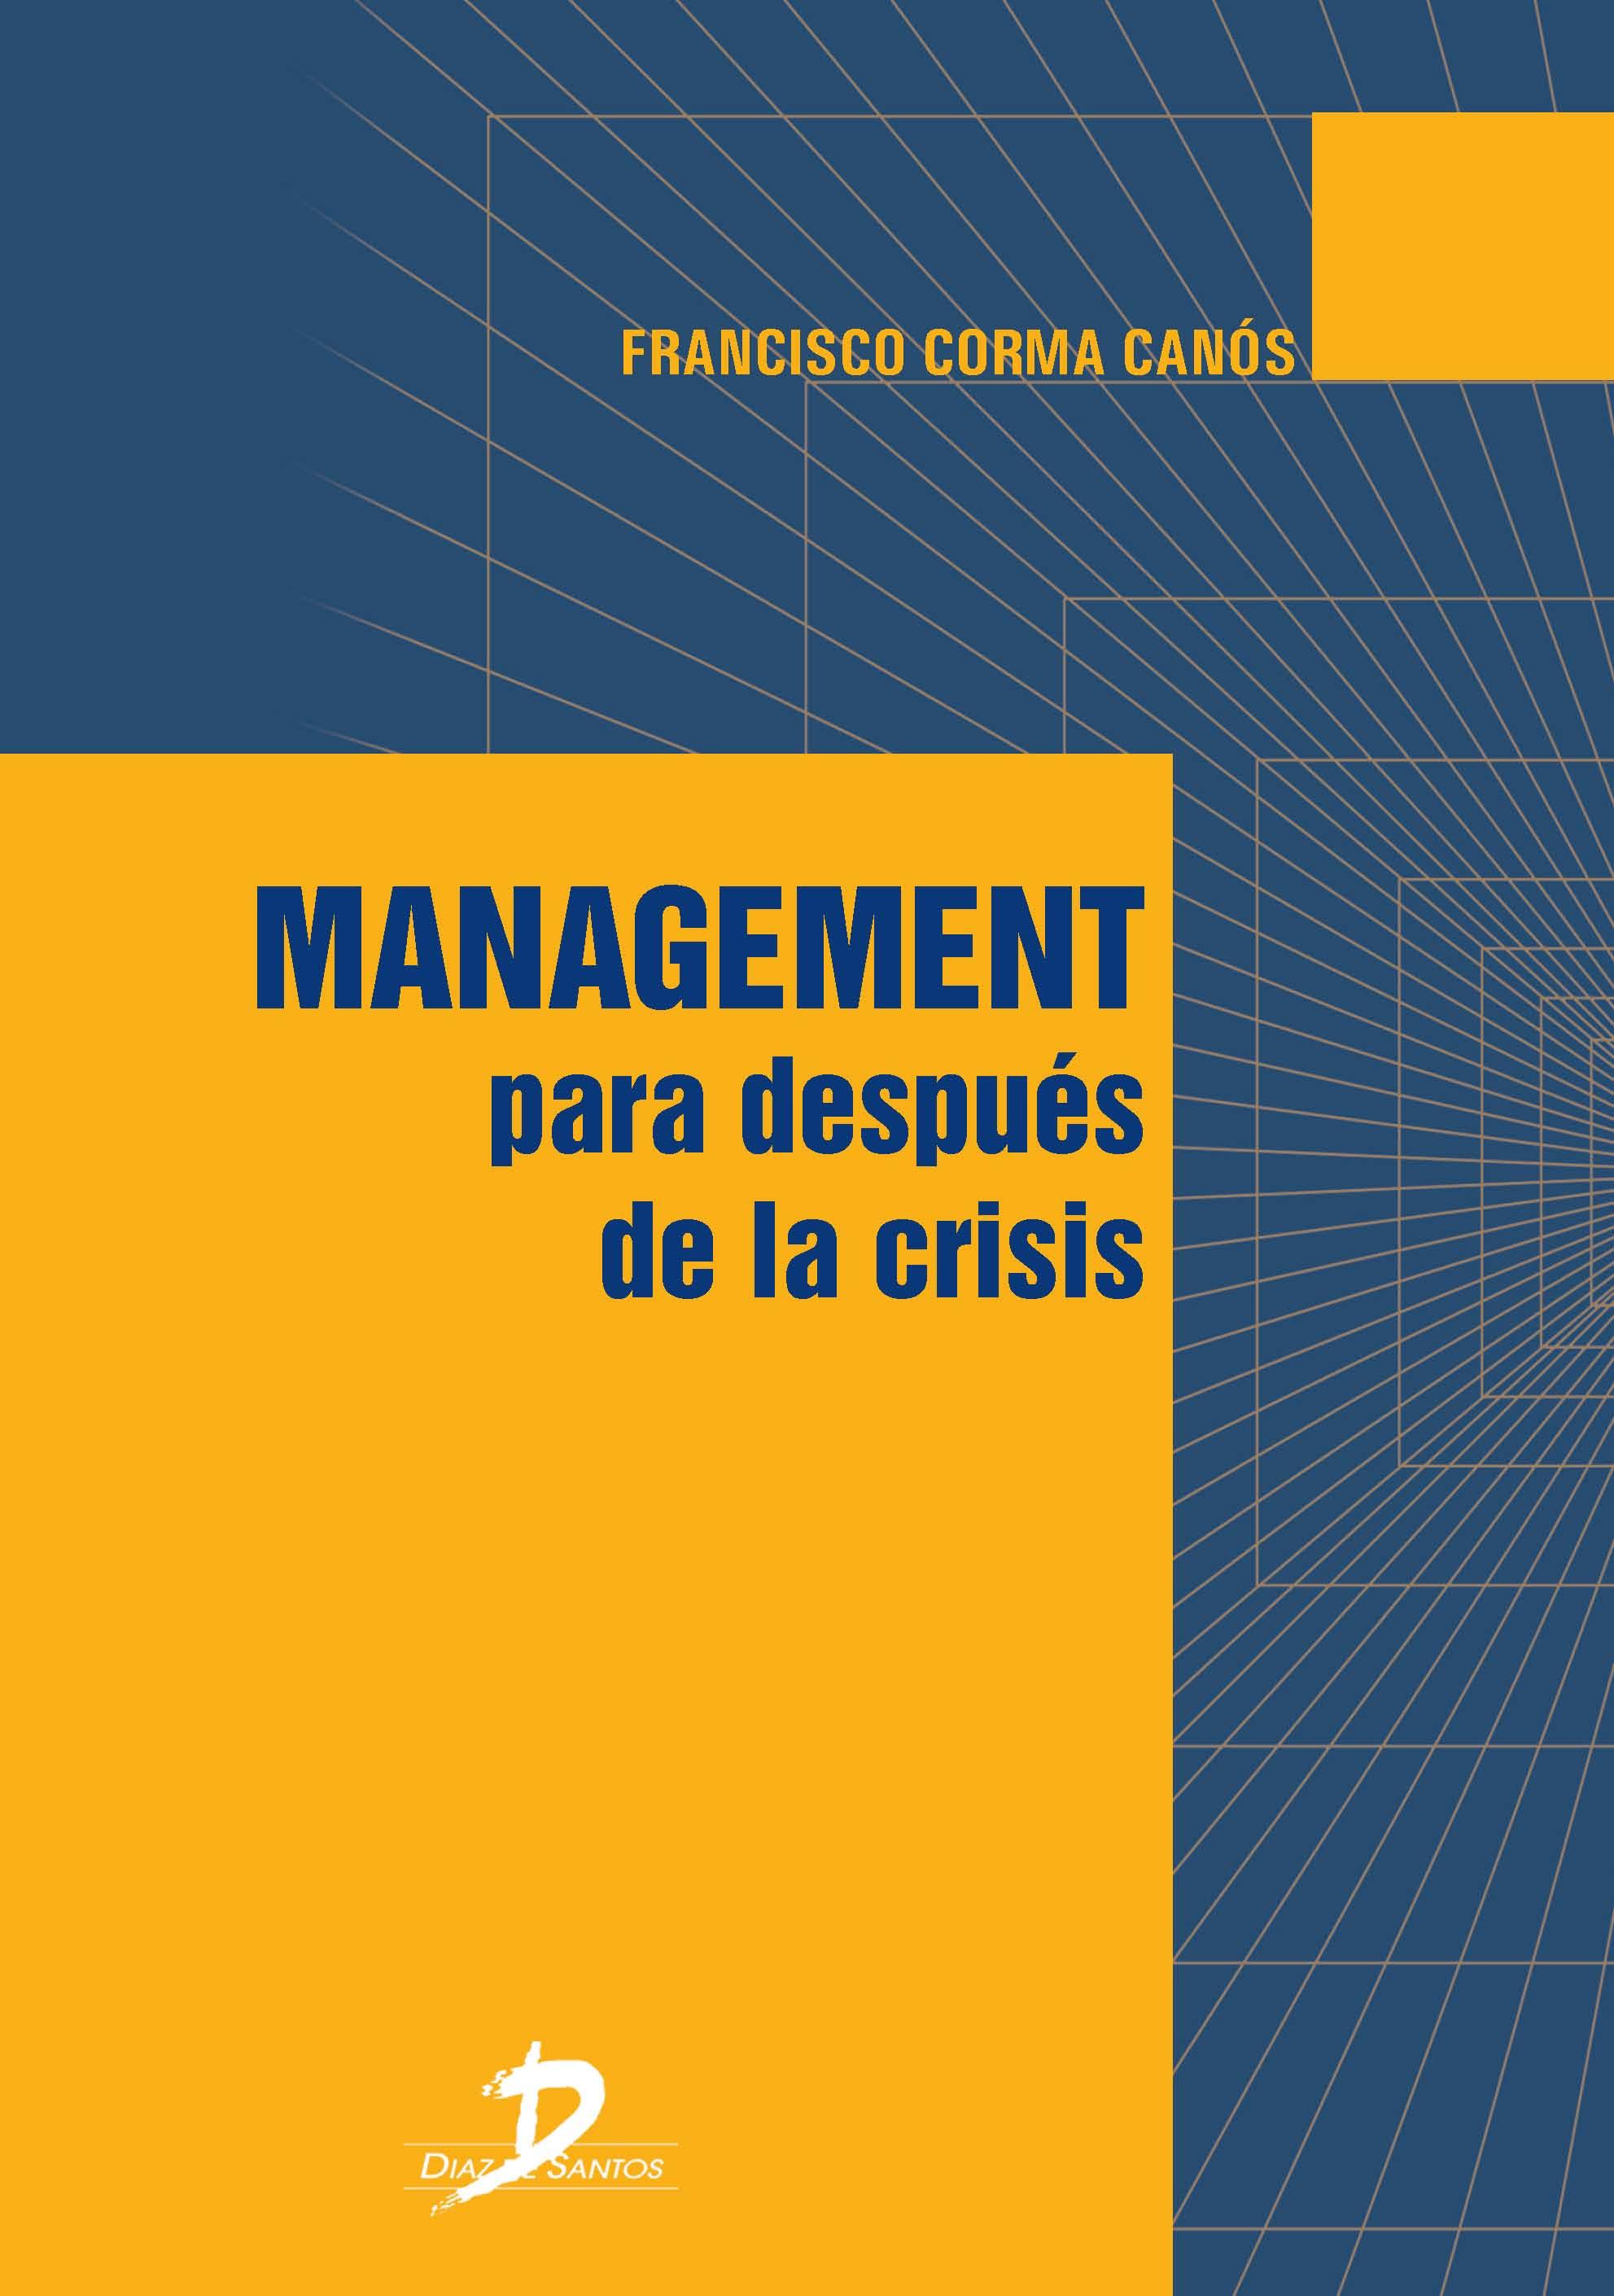 Management para después de la crisis